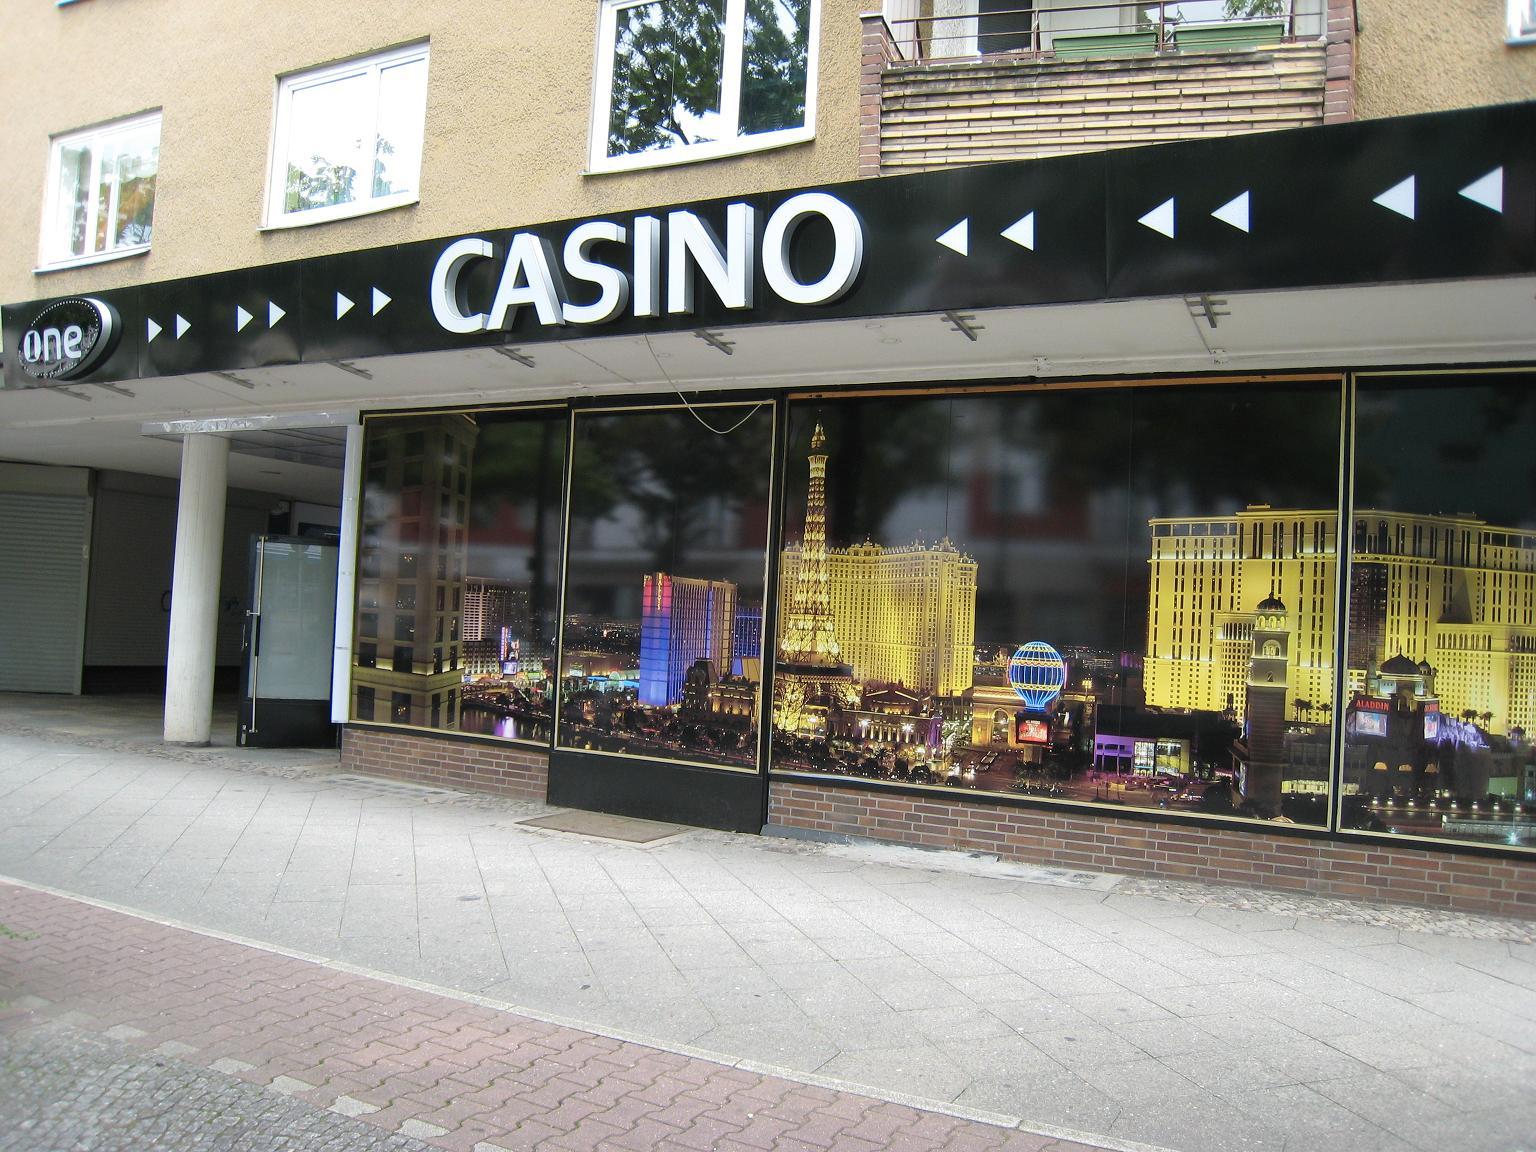 California Spielothek Casino, Prinzenallee 85, Berlin